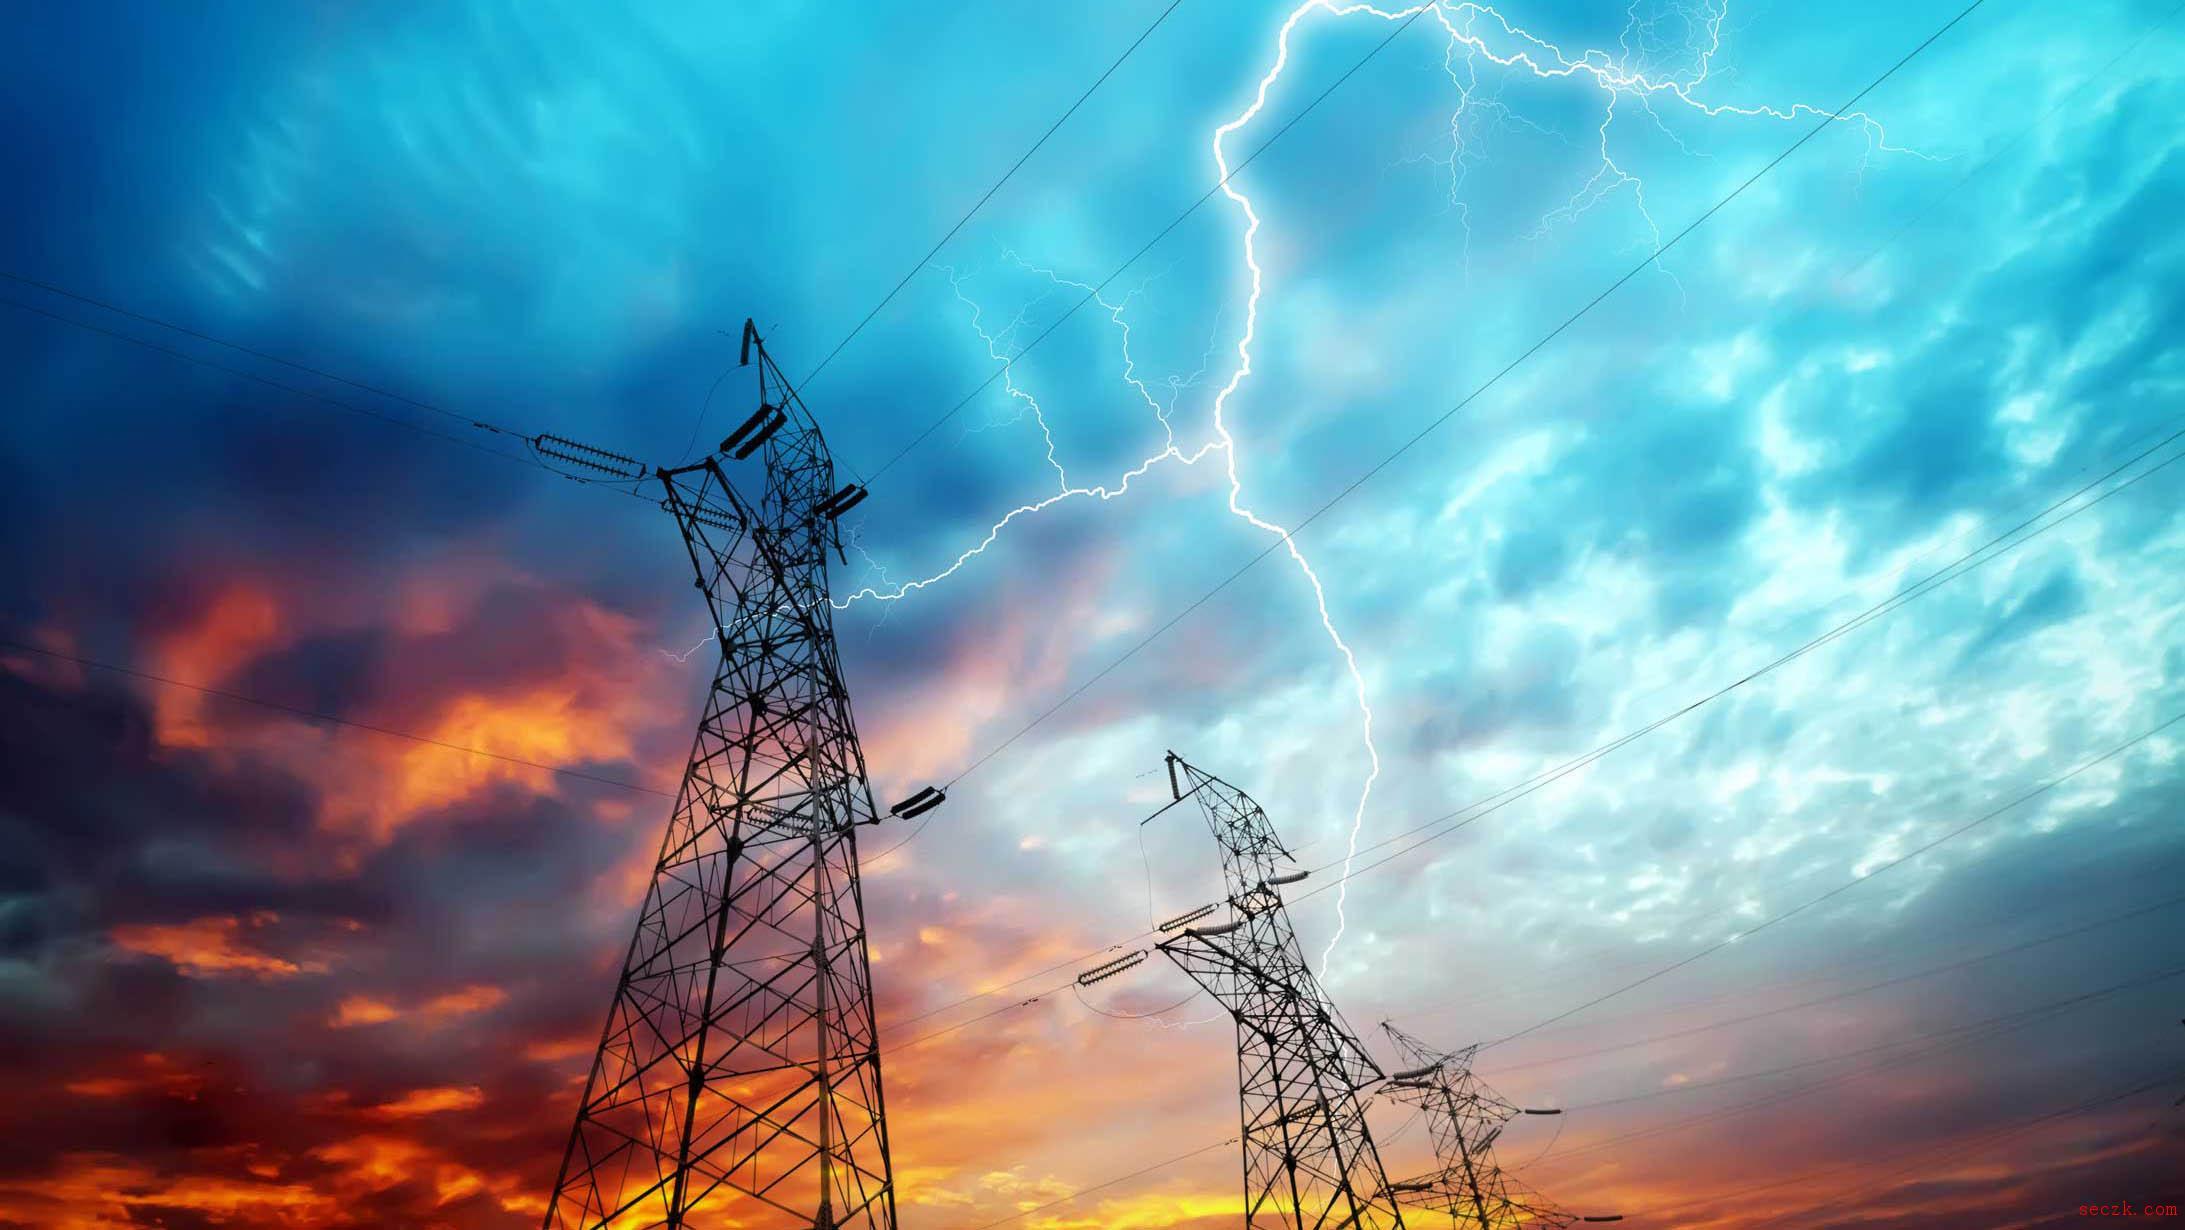 美国某电力系统因防火墙漏洞被攻击致运行中断